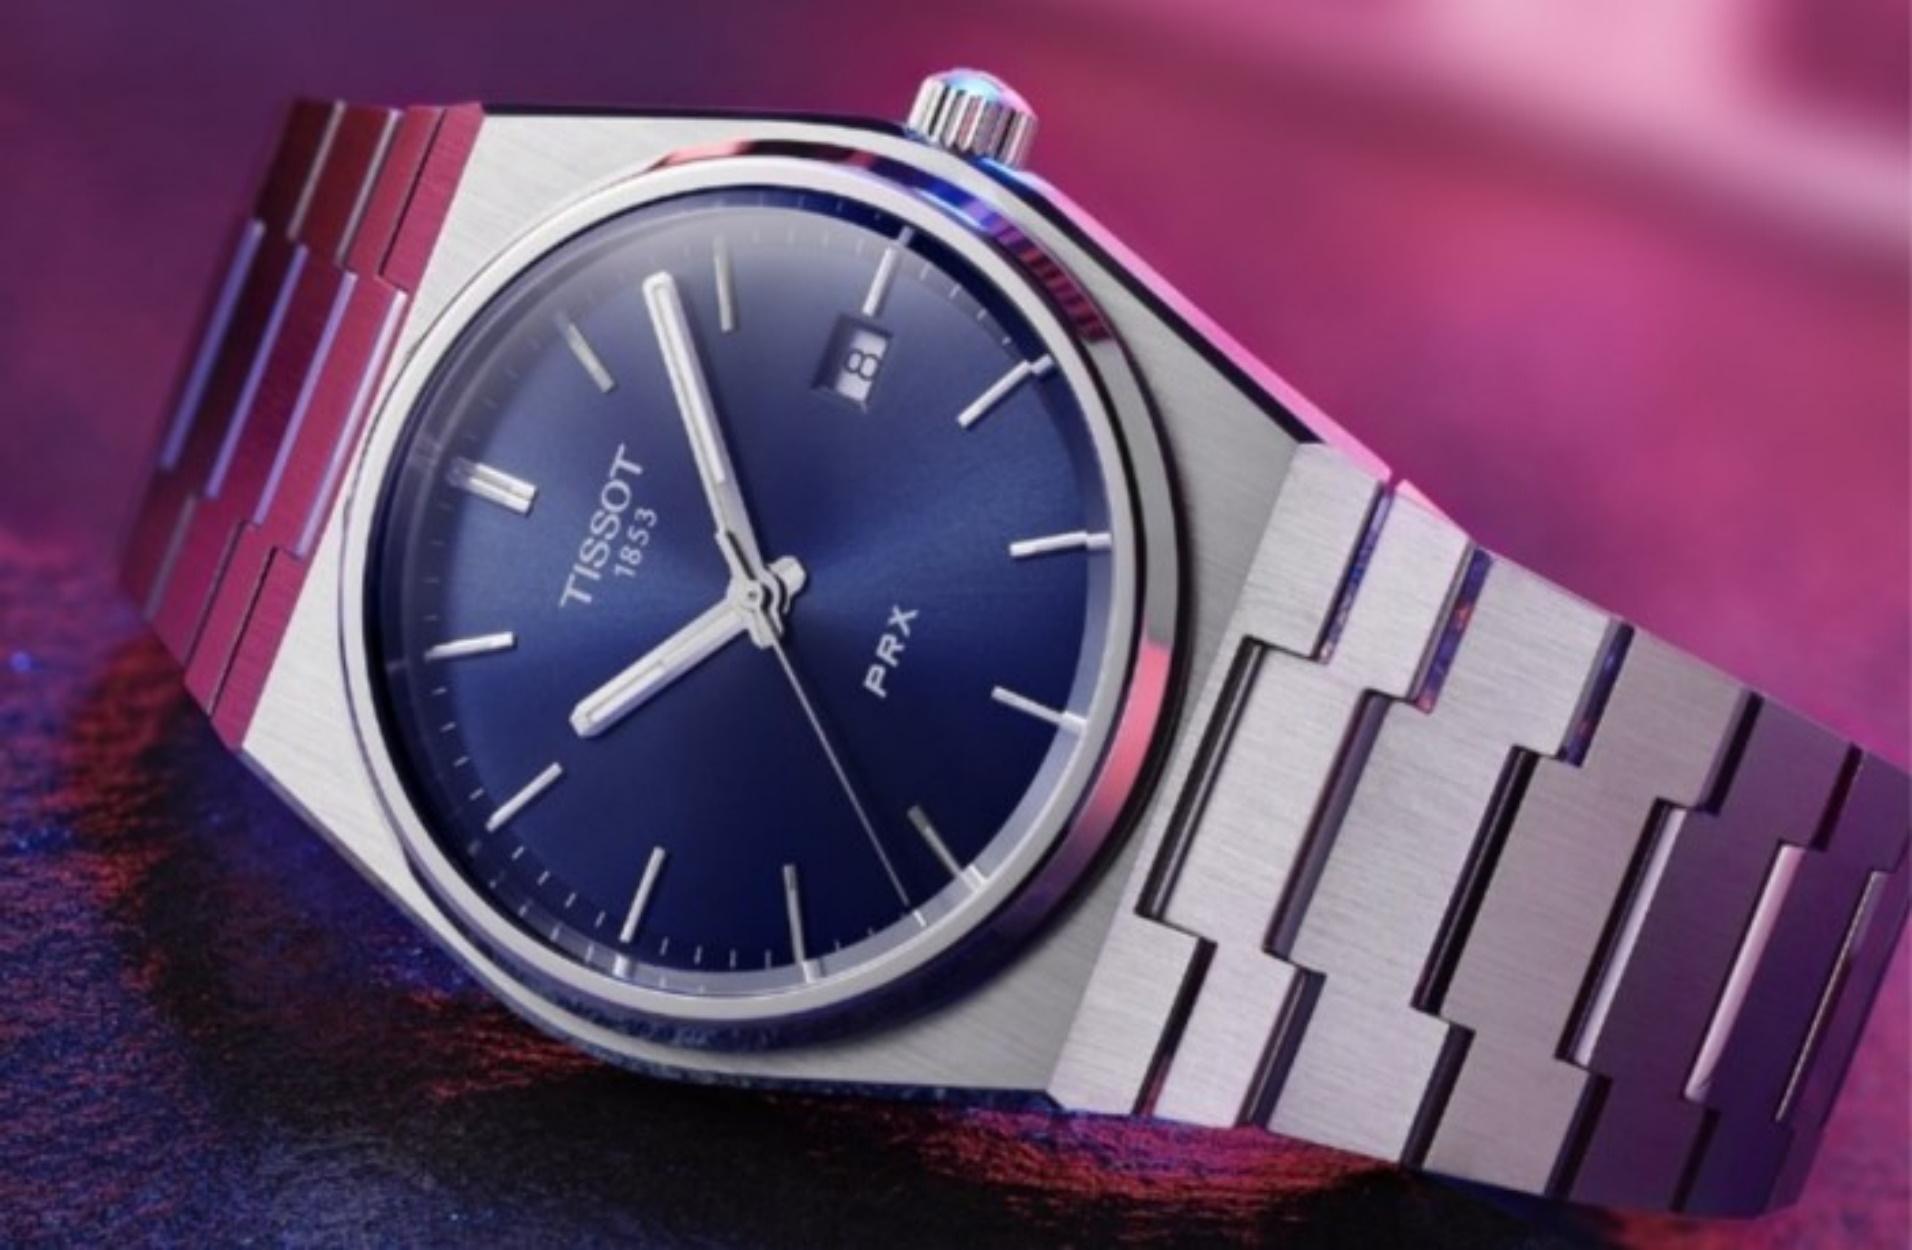 Η Tissot κυκλοφόρησε ένα στιβαρό, προσιτό και πολύ στυλάτο ρολόι